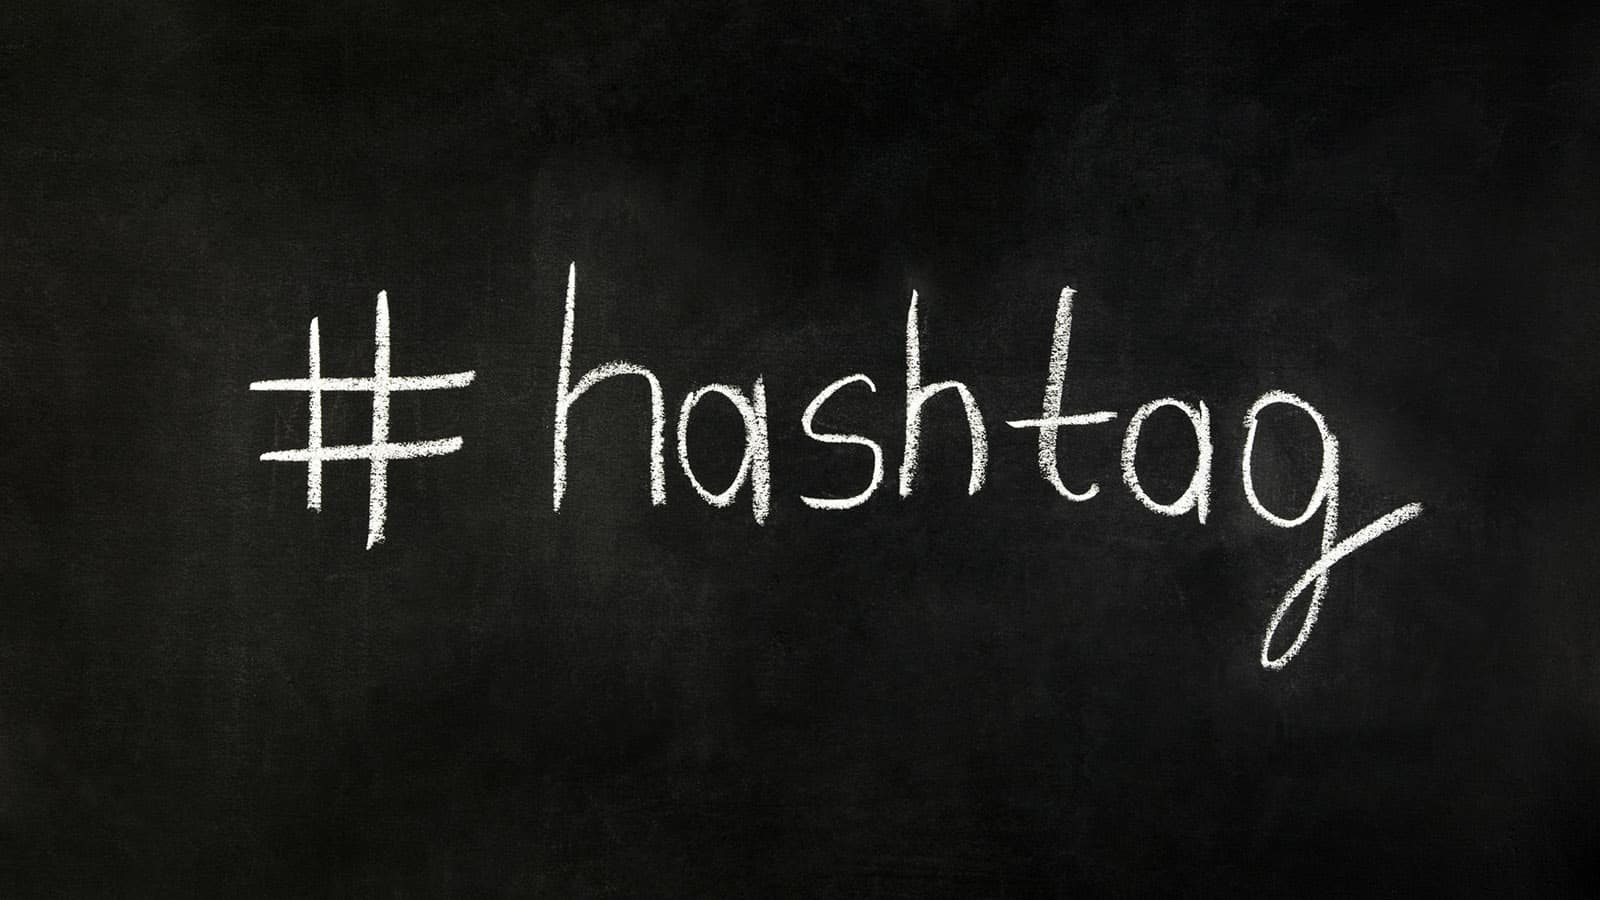 hashtag più popolari